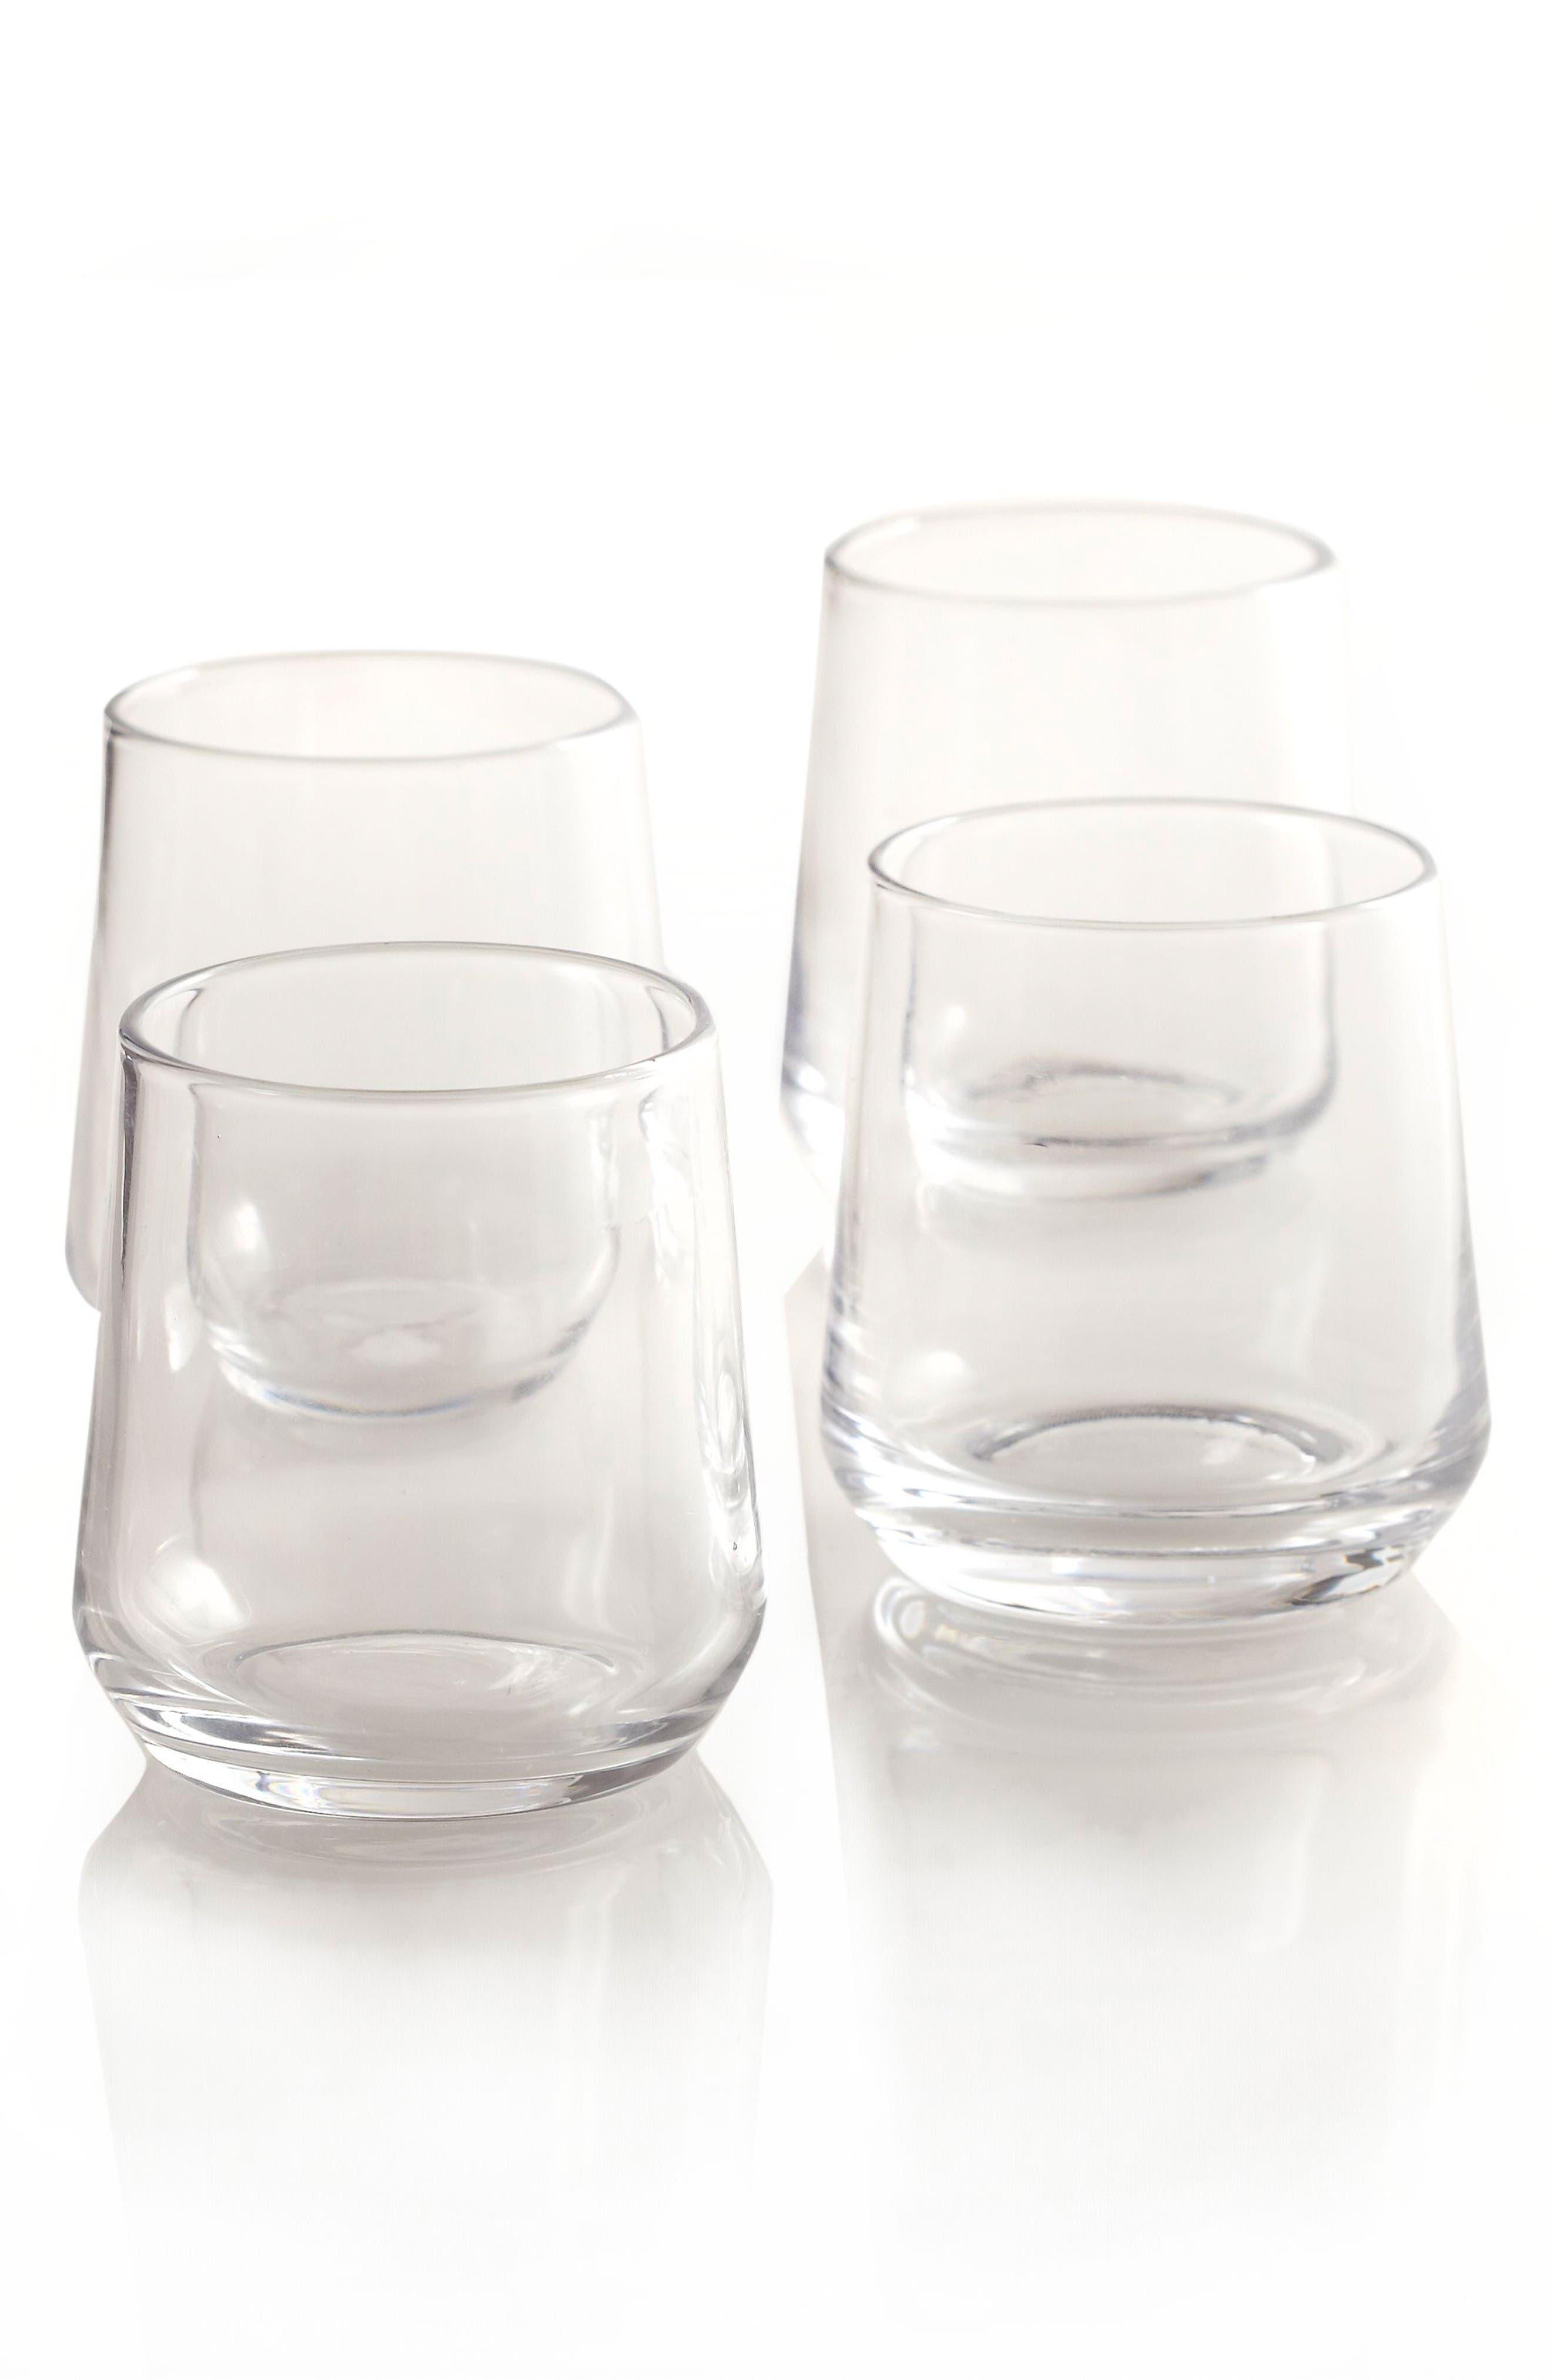 Main Image - zestt Set of 12 Tasting Glasses